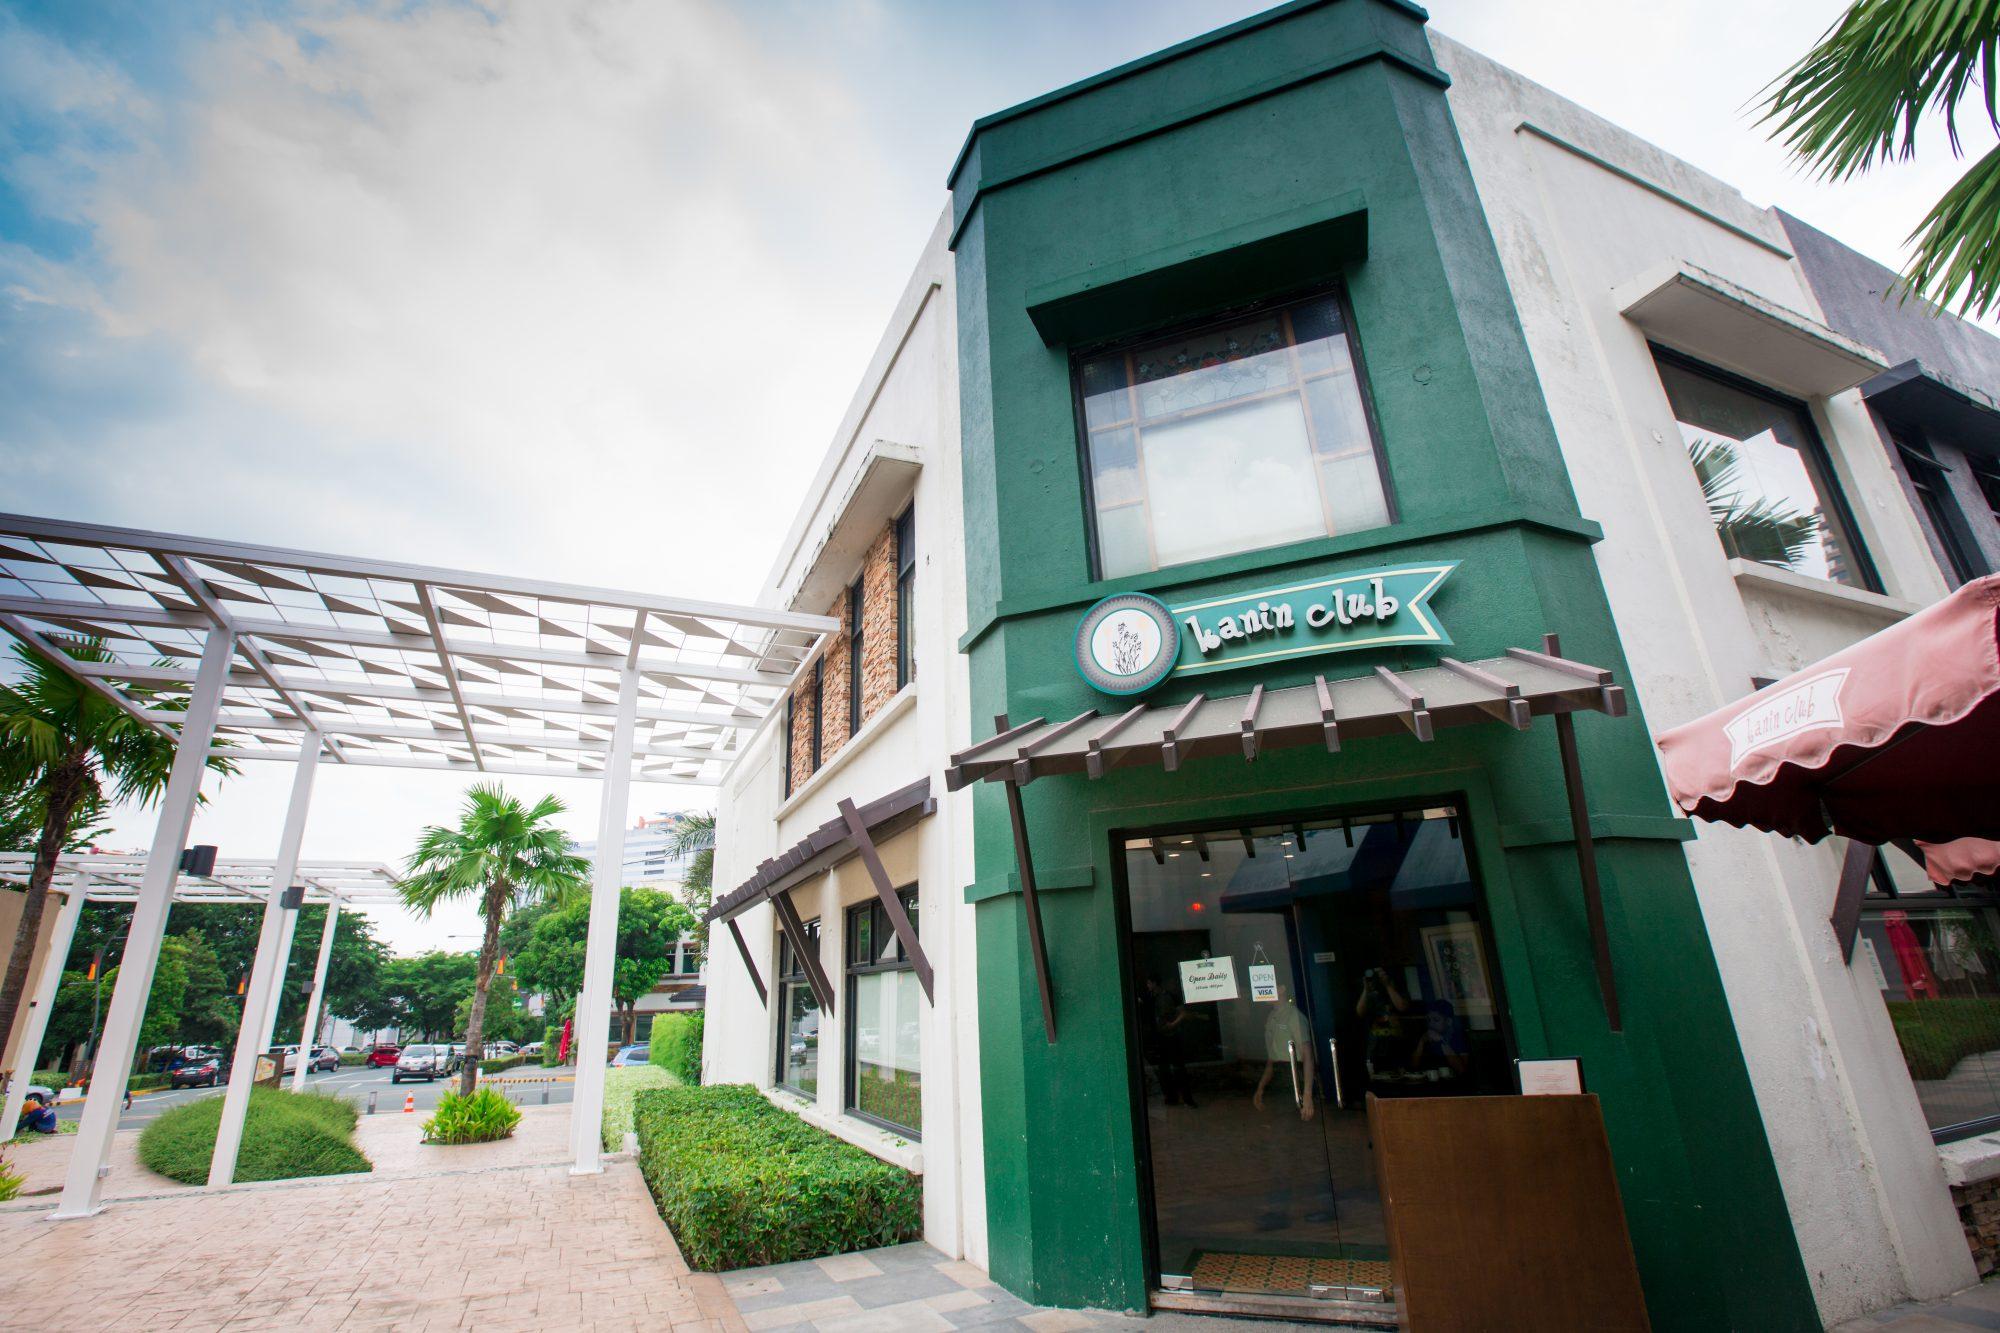 Kanin Club Westgate Alabang